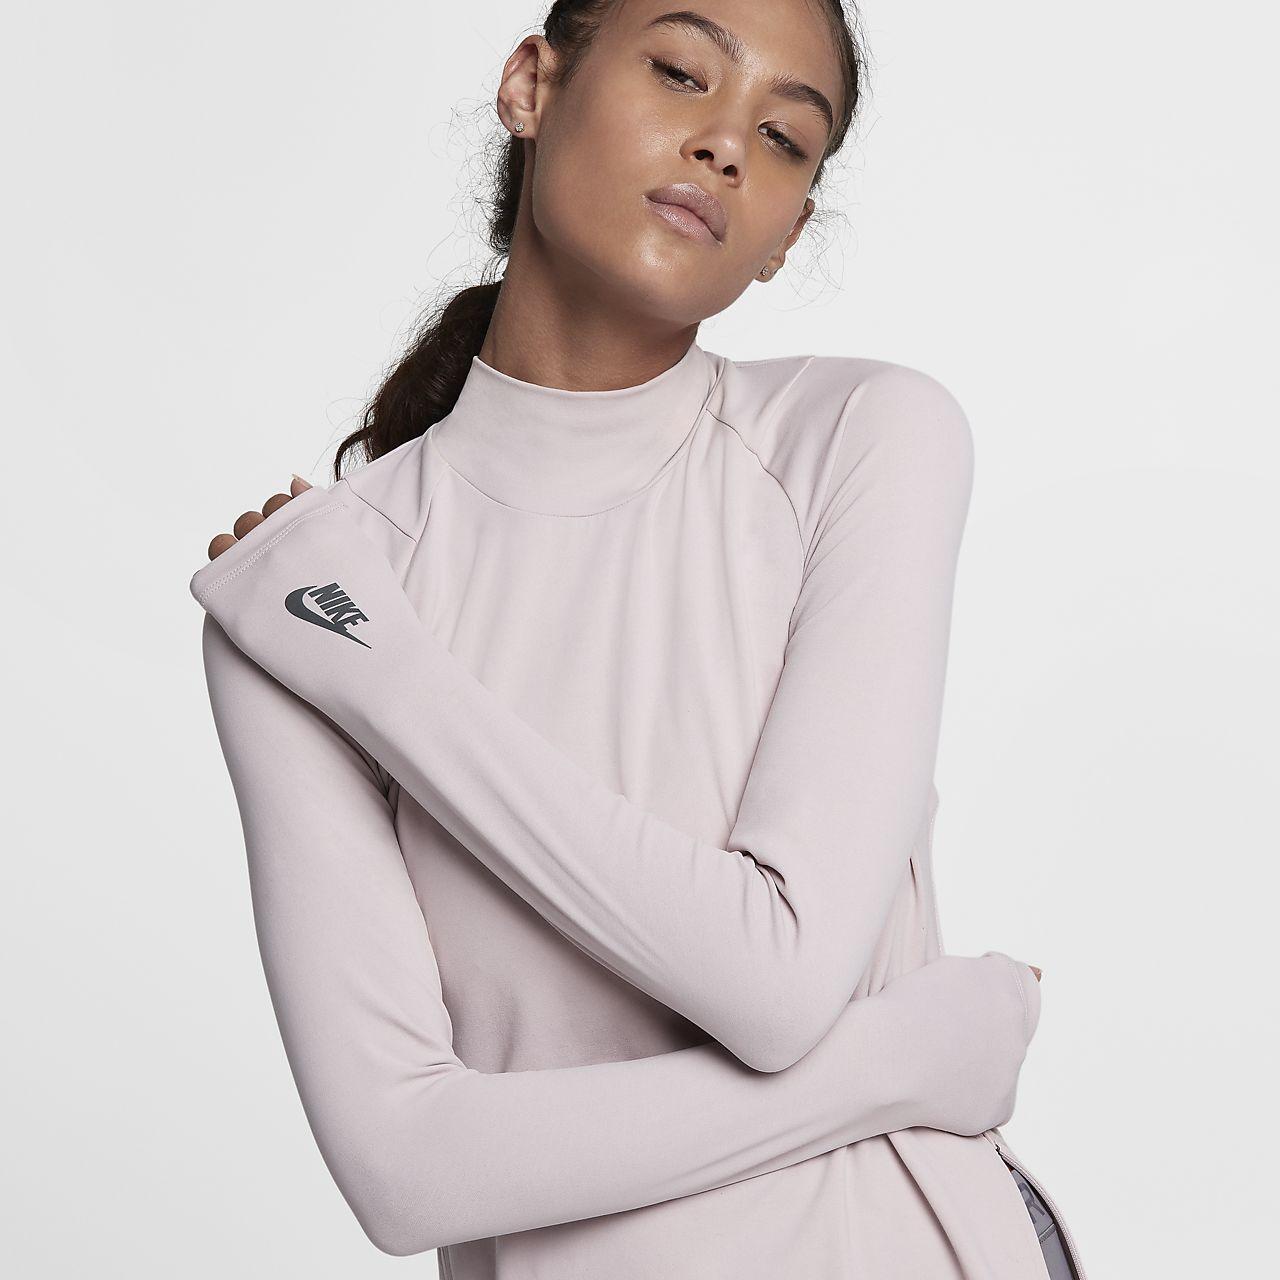 เสื้อผู้หญิง NikeLab Essentials Mock Neck